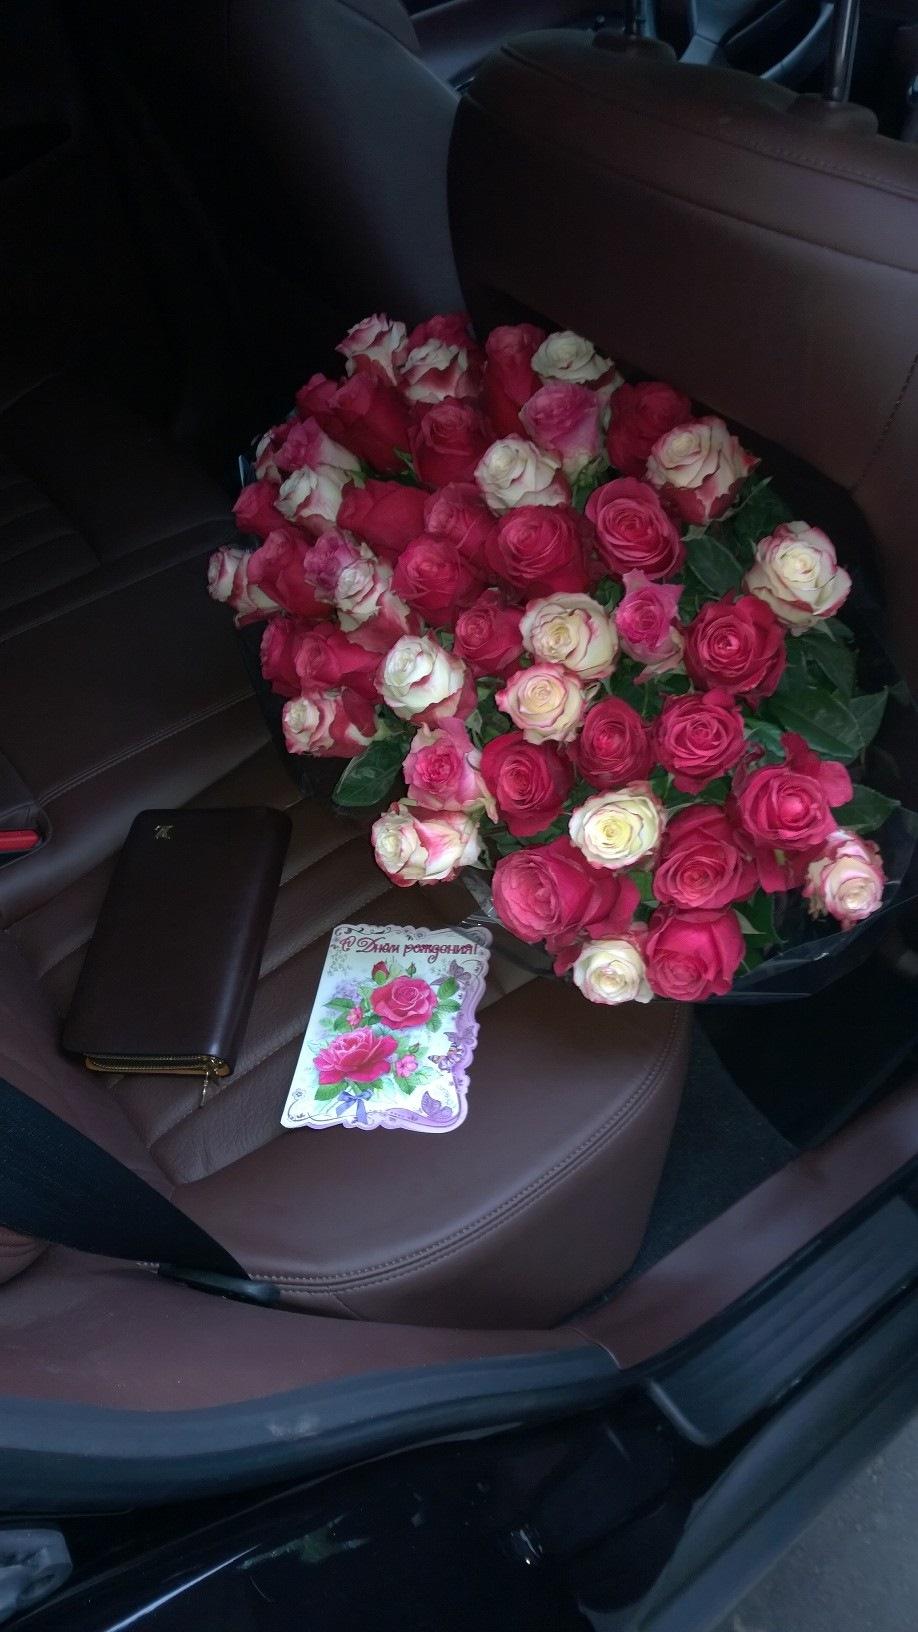 Цветы на заднем сидении фото